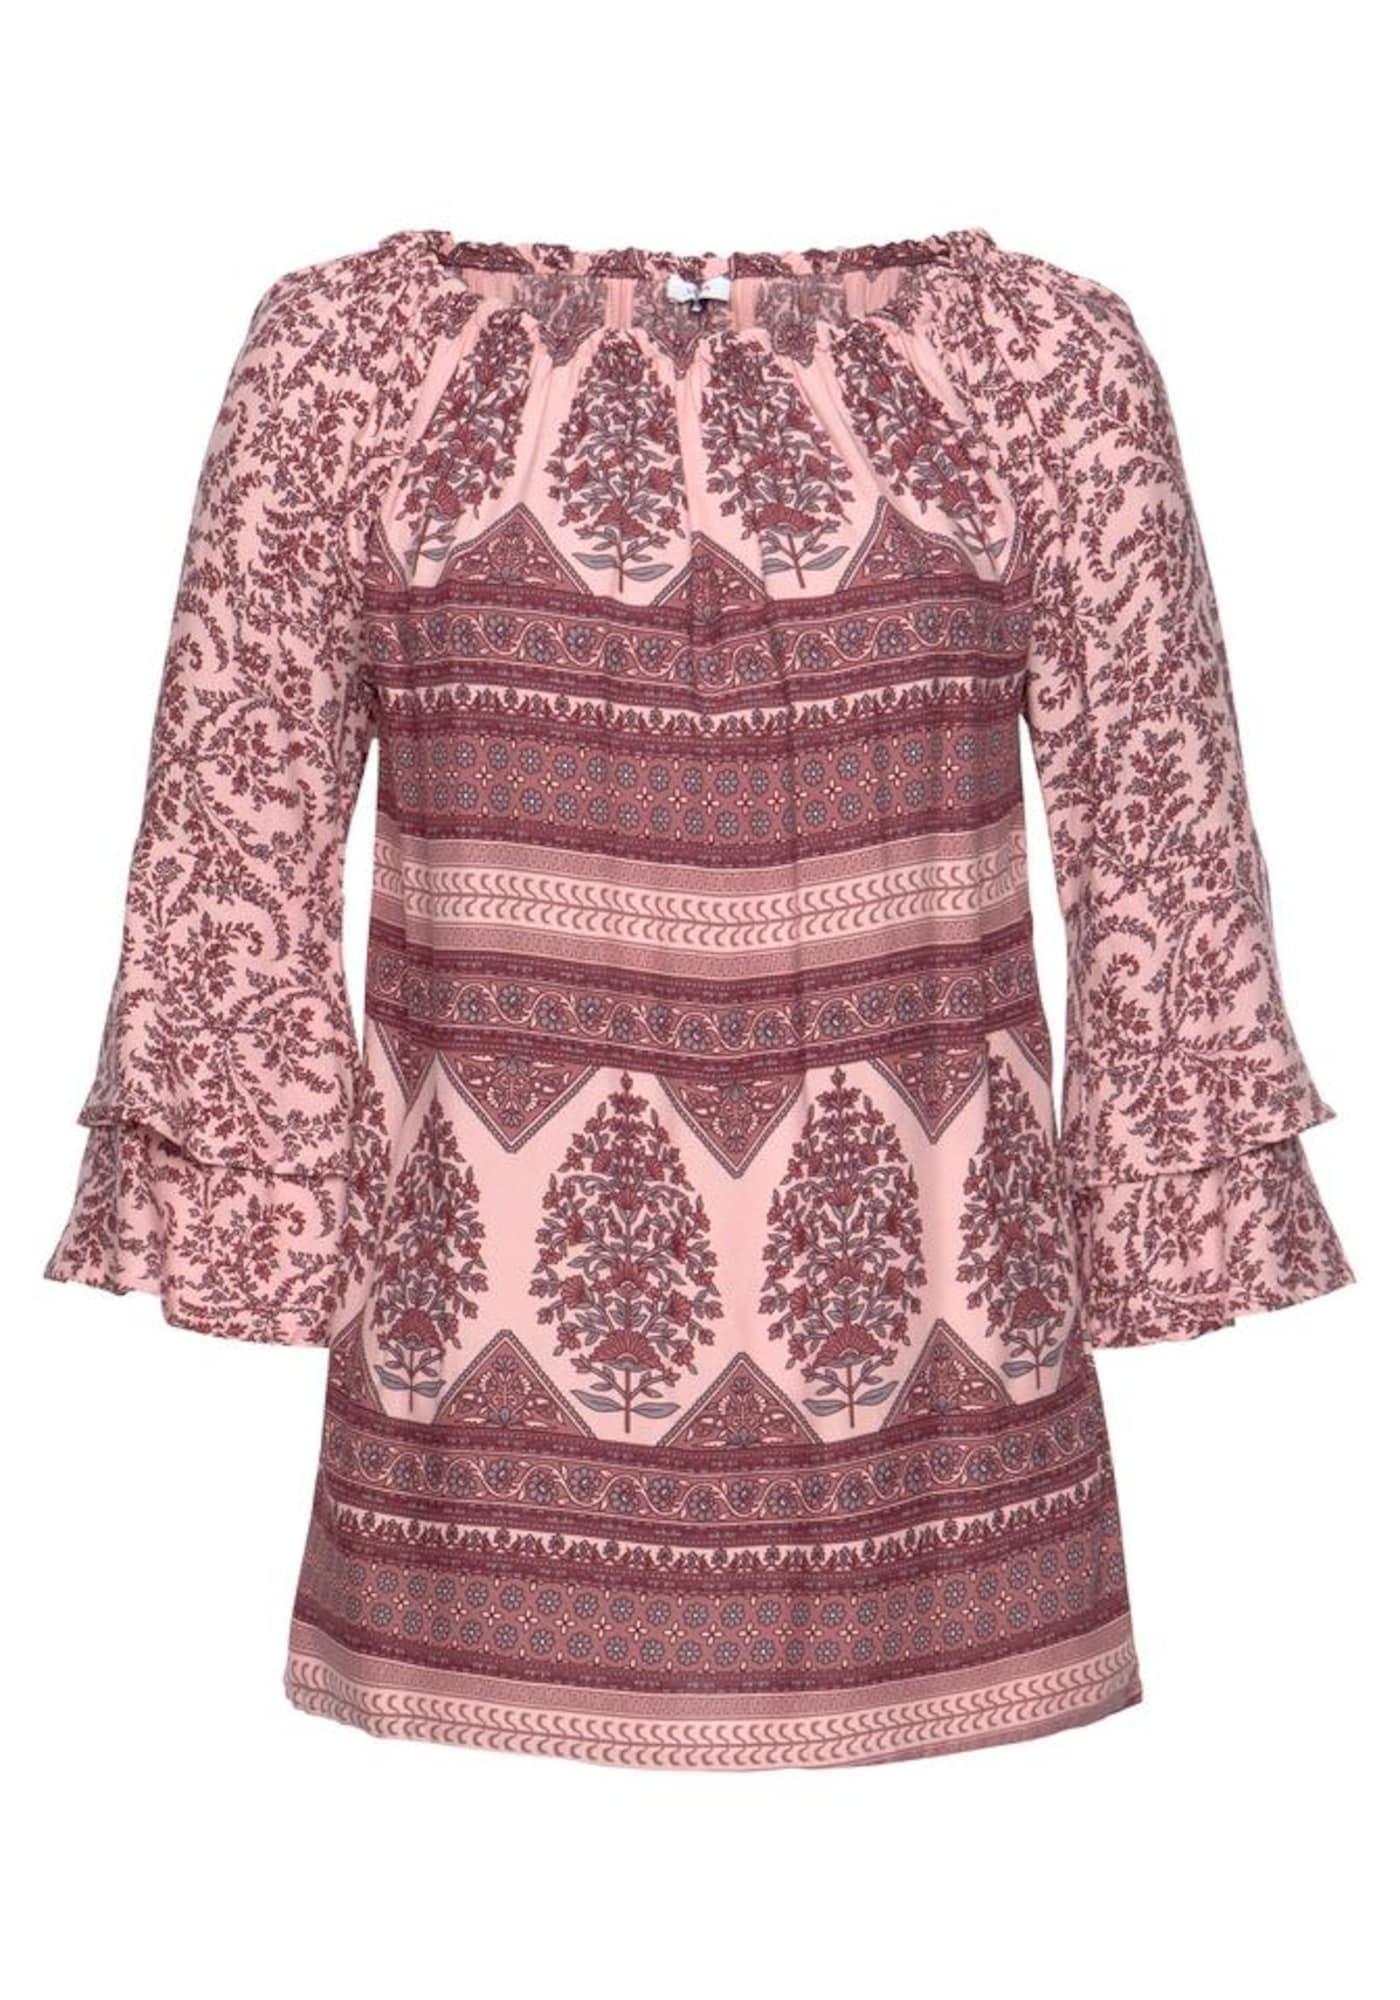 LASCANA Palaidinė mišrios spalvos / ryškiai rožinė spalva